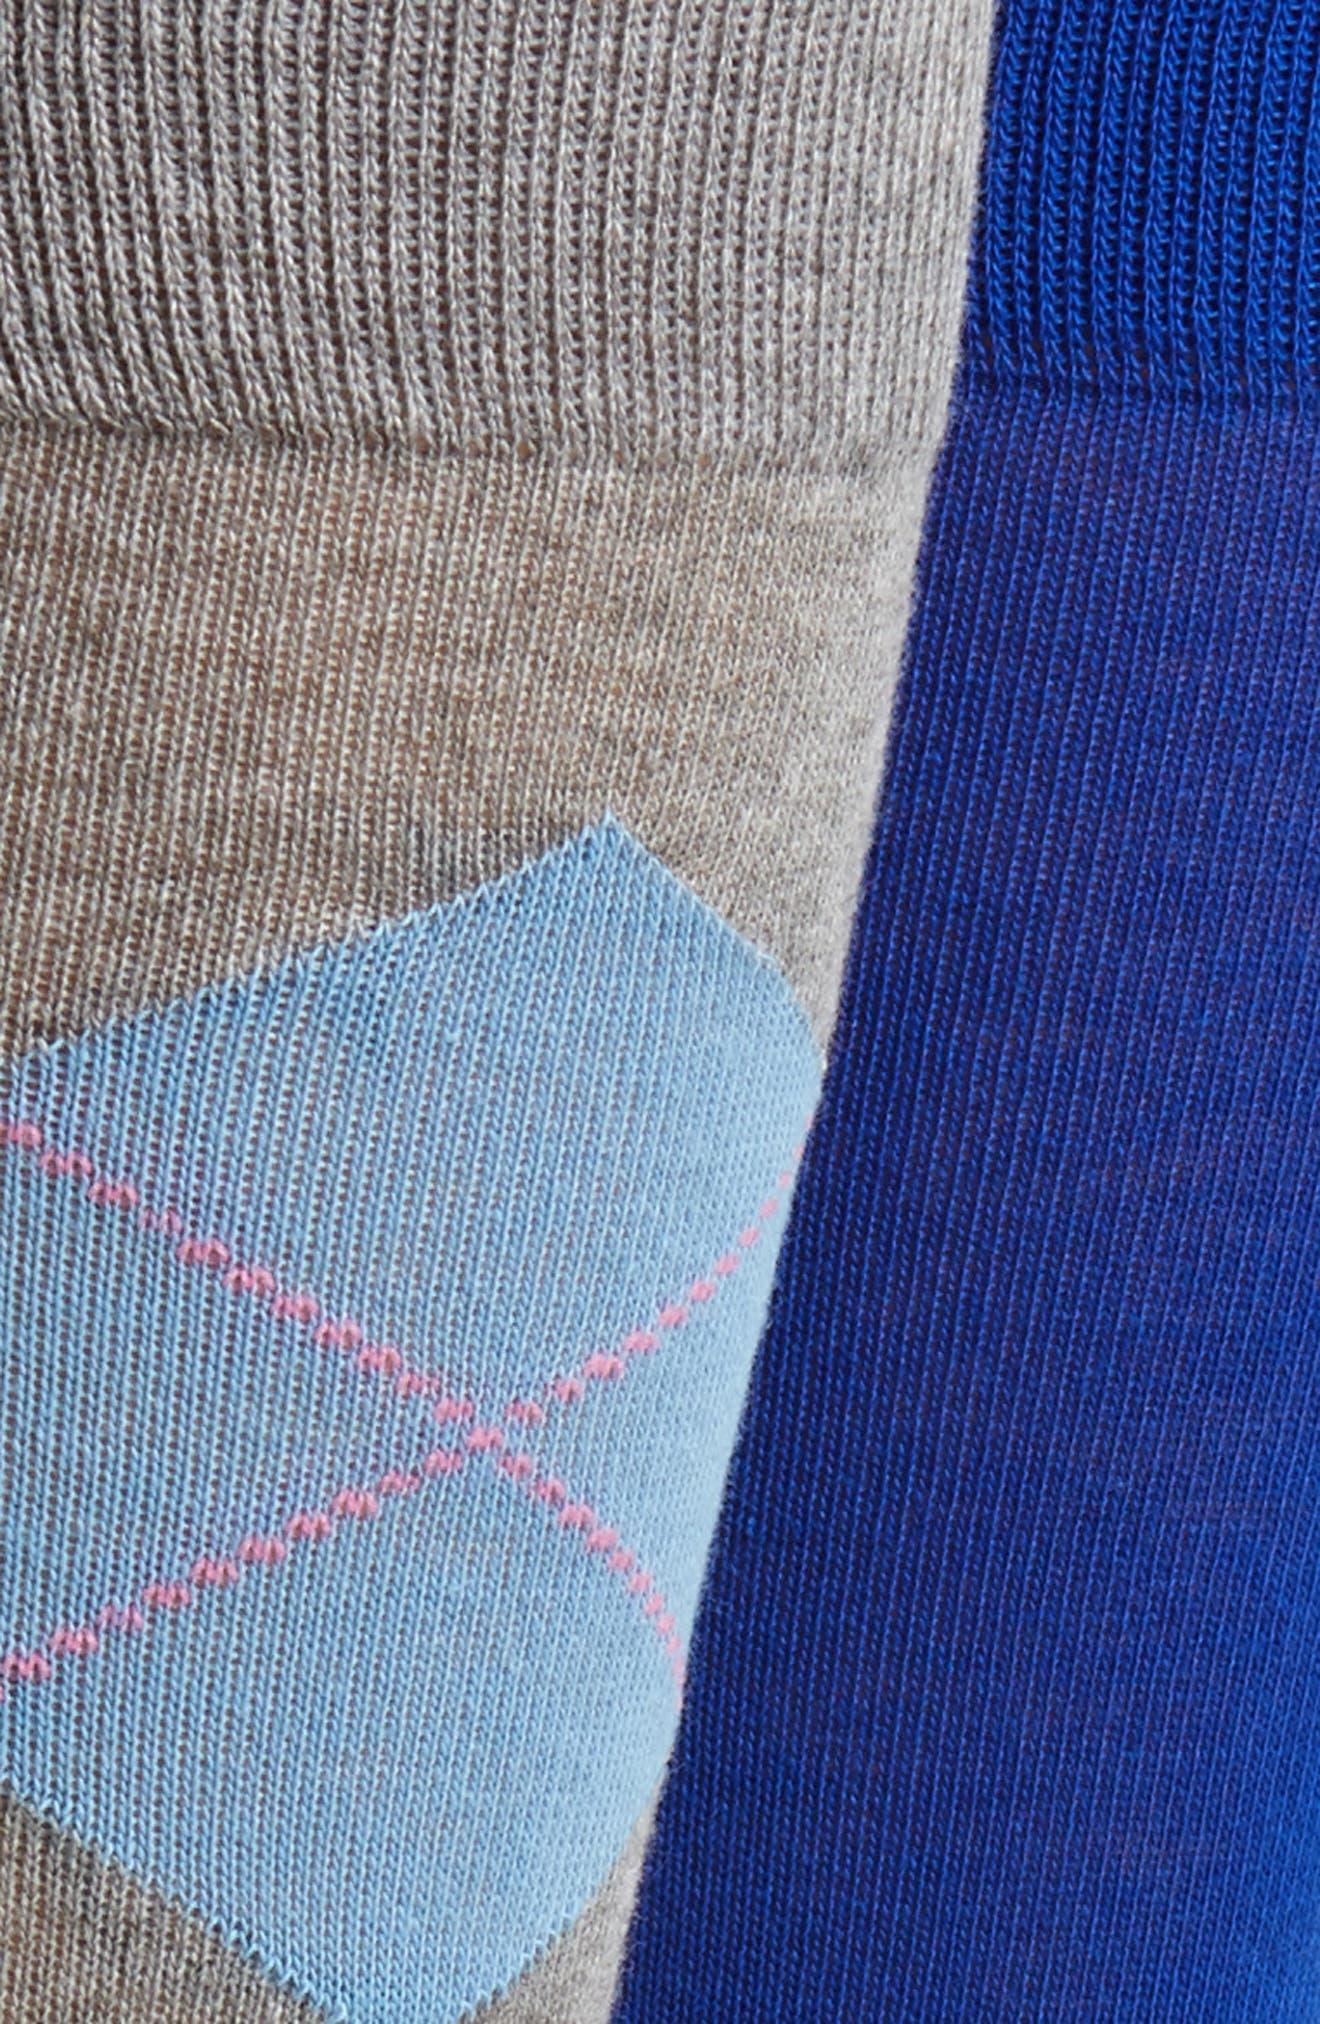 Alternate Image 2  - Polo Ralph Lauren Cotton Blend Socks (2-Pack)